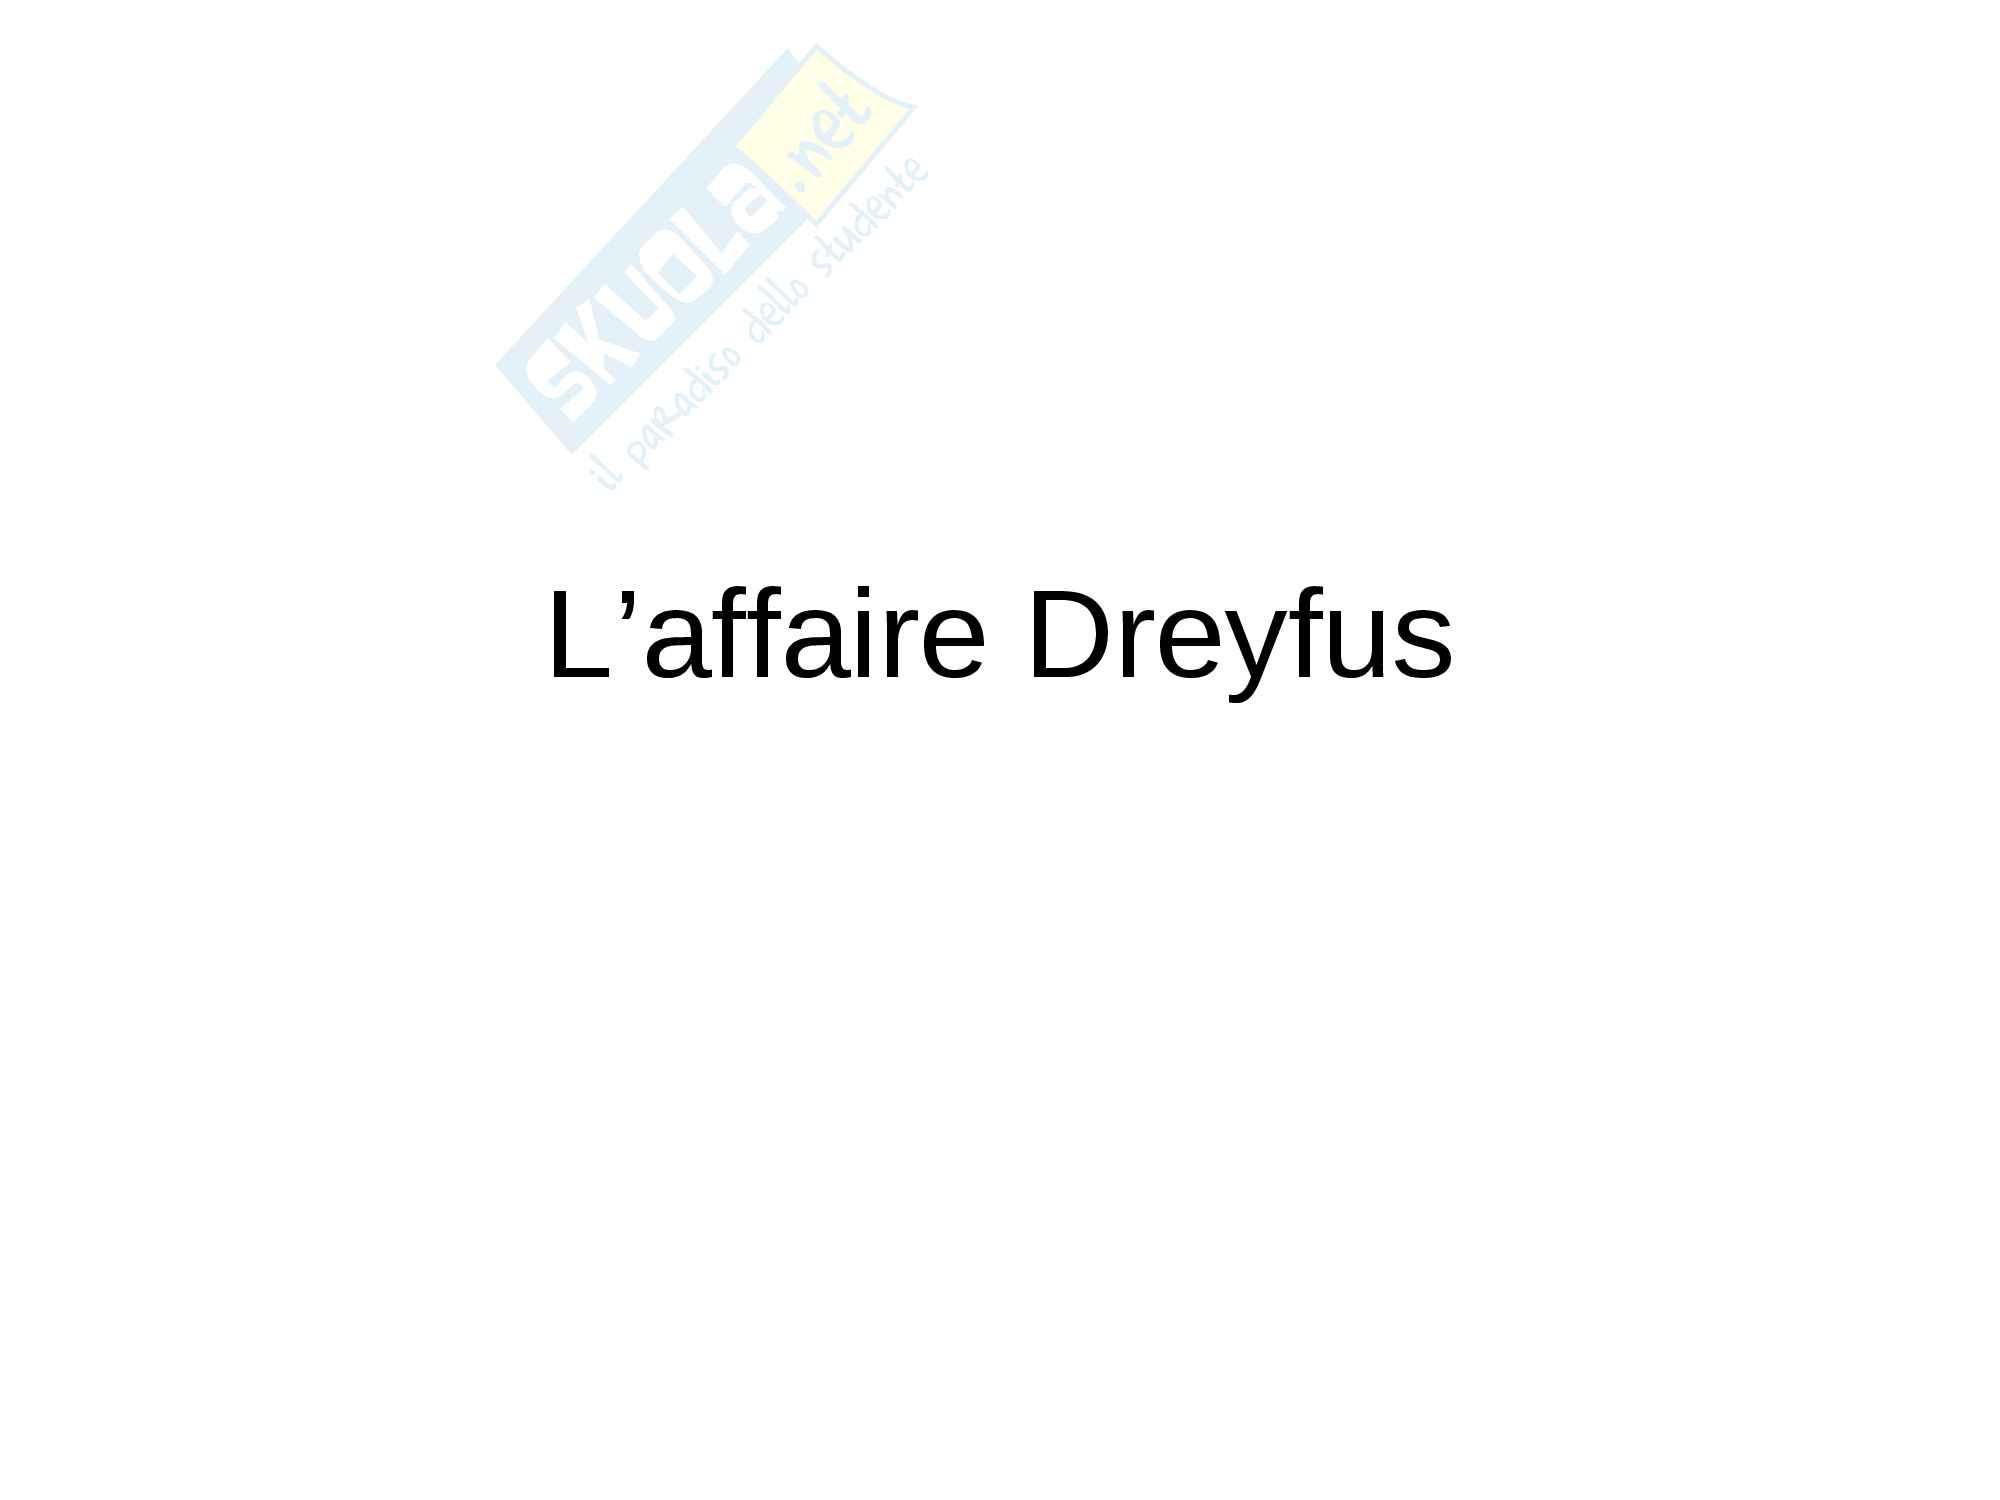 Présentation Power Point de l'affaire Dreyfus